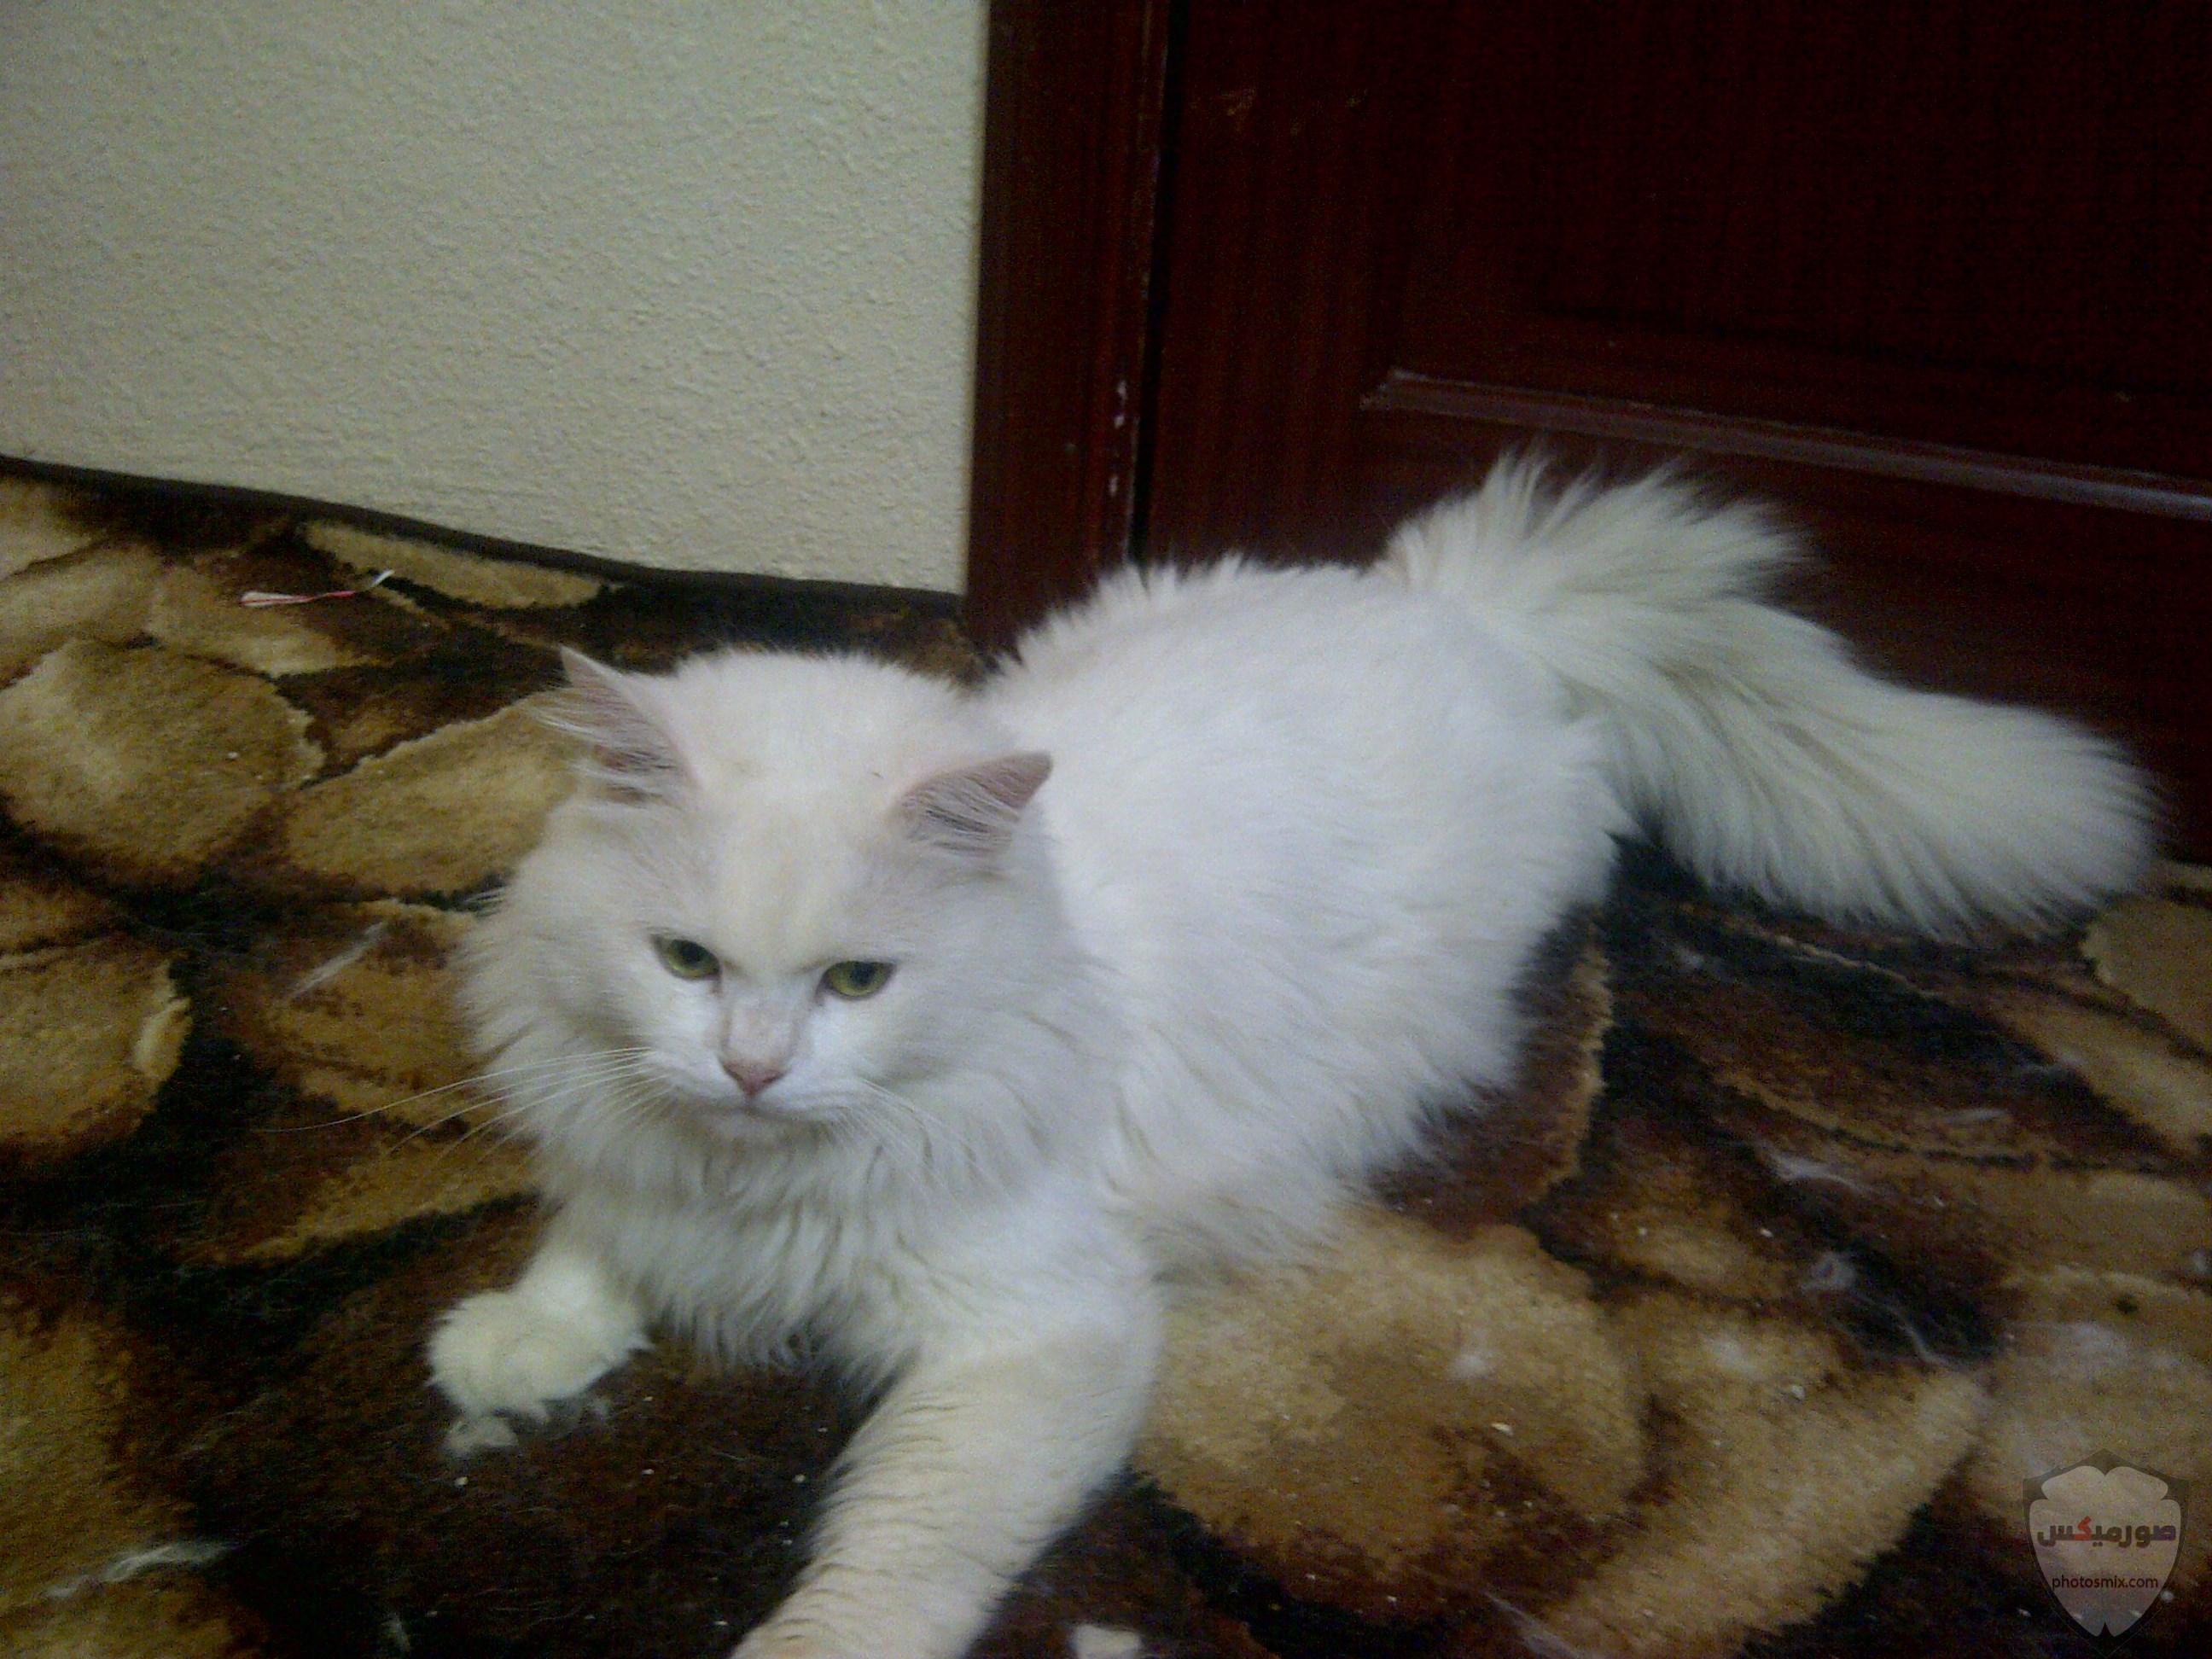 صور خلفيات رمزيات قطط كيوت صورة قطة كيوت جدا 26